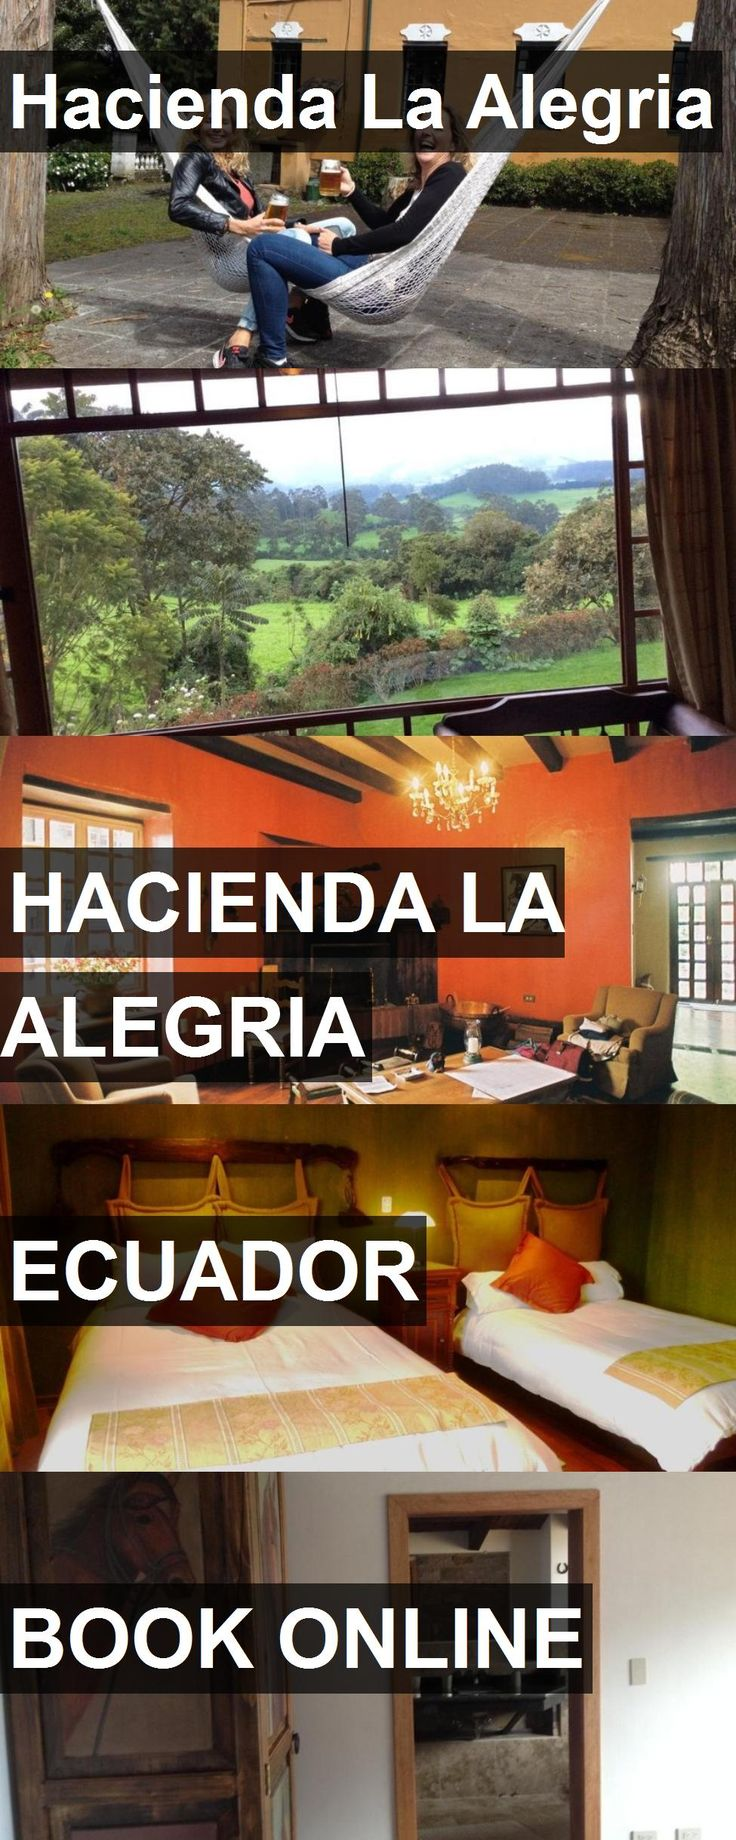 Hotel Hacienda La Alegria in Hacienda La Alegria, Ecuador. For more information, photos, reviews and best prices please follow the link. #Ecuador #HaciendaLaAlegria #travel #vacation #hotel